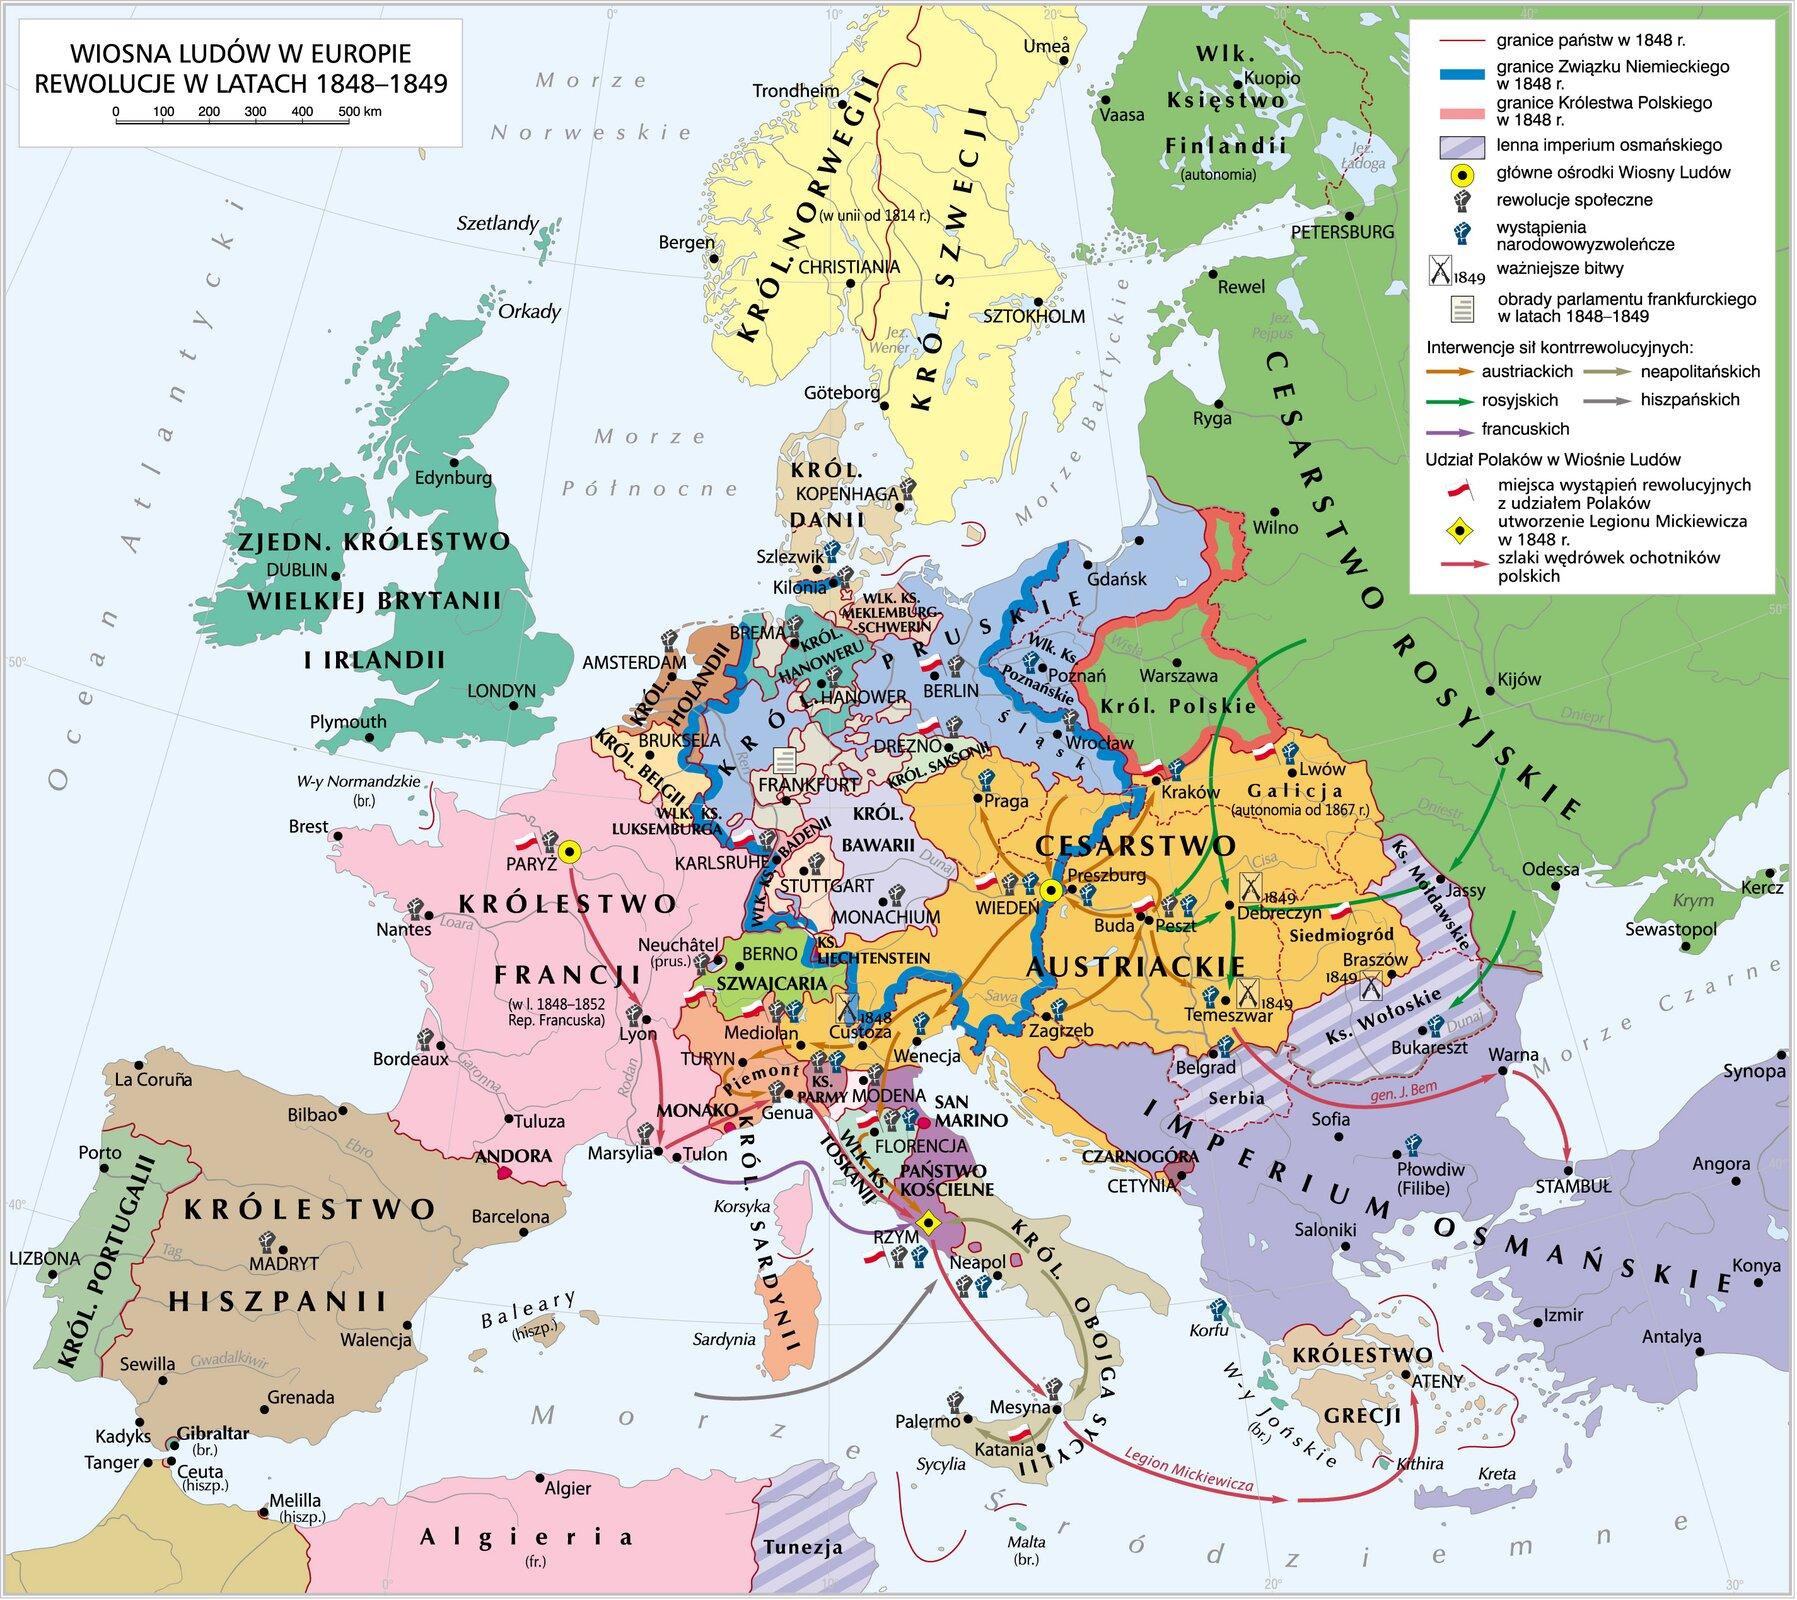 Wiosna Ludów wEuropie. Rewolucje 1848-1849 Źródło: Krystian Chariza izespół, Wiosna Ludów wEuropie. Rewolucje 1848-1849, licencja: CC BY-SA 3.0.